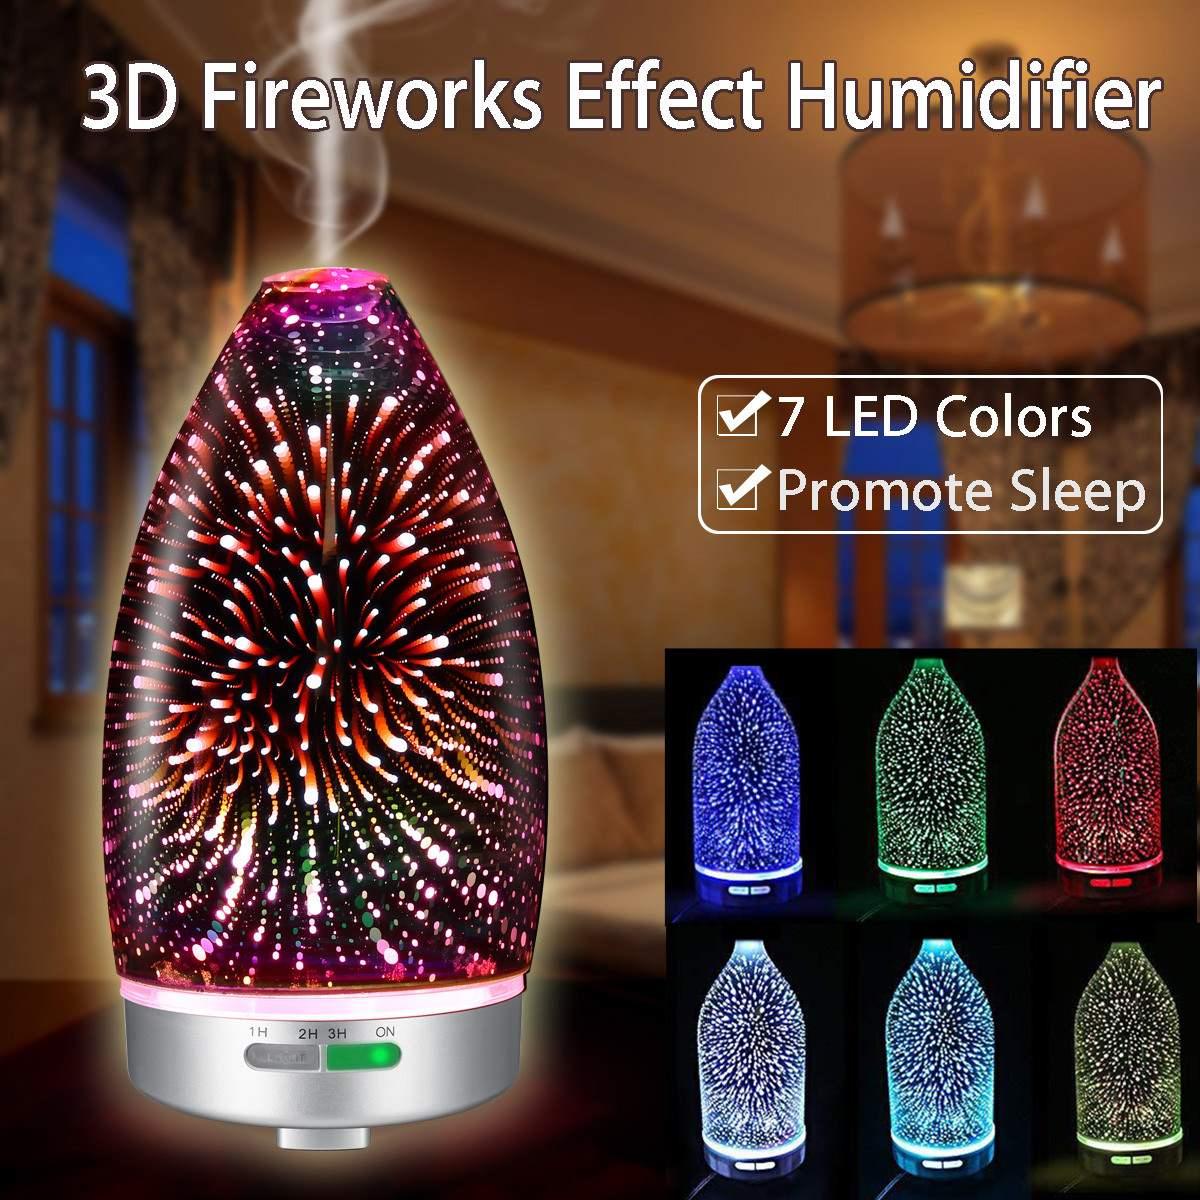 3D Feux D'artifice LED Lumière de Nuit Humidificateur D'air En Verre Vase Forme Huile Essentielle Diffuseur Mist Maker Humidificateur À Ultrasons Cadeau AU